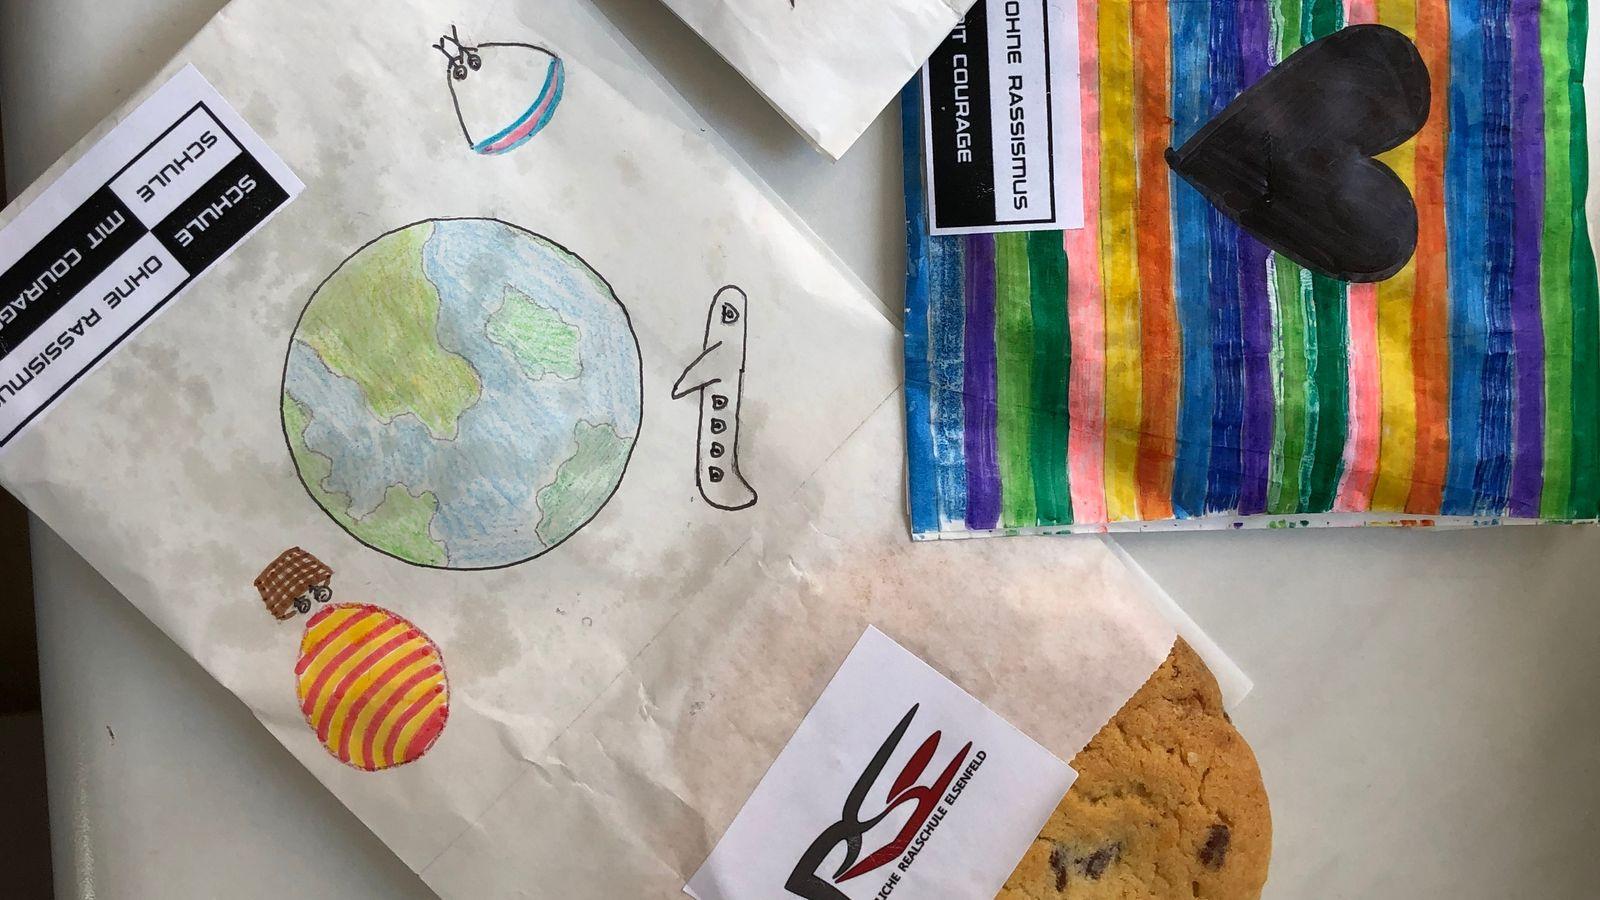 Kekse gegen Rassismus: rechte Hetze lässt Schule kalt